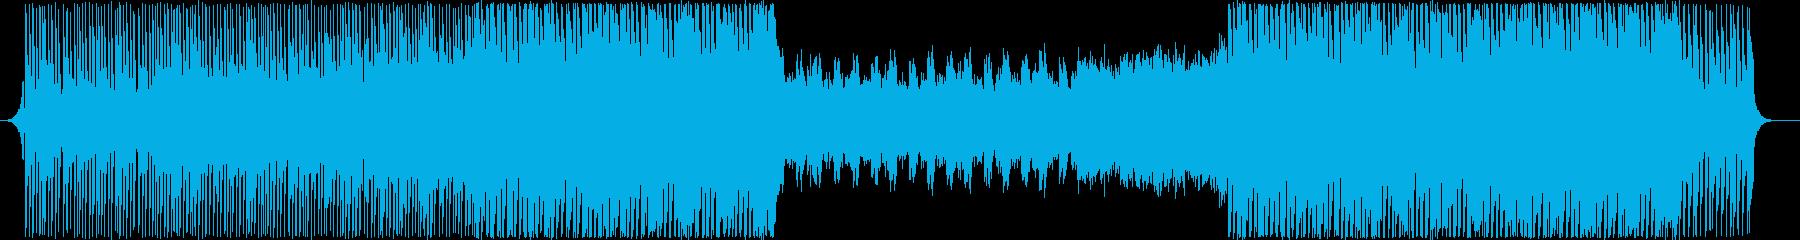 エレクトロEDM-壮大-挑戦-アクティブの再生済みの波形